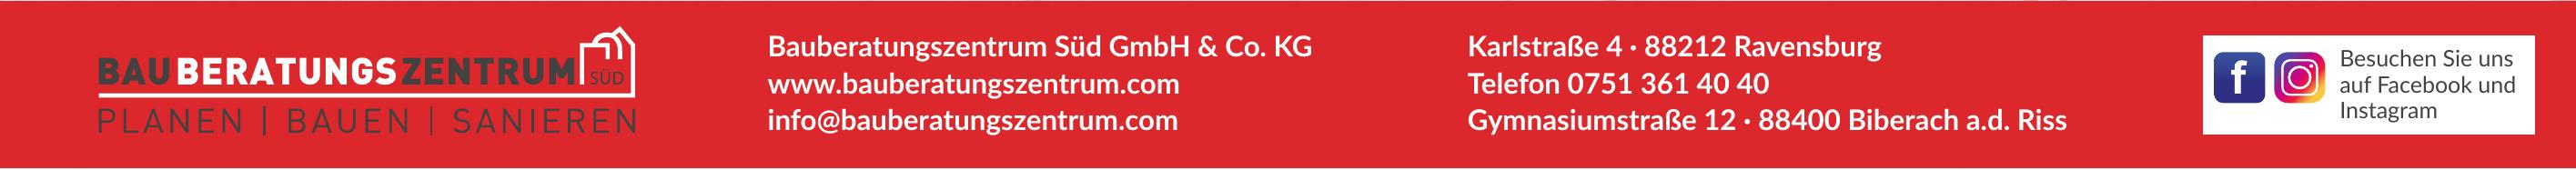 Bauberatungszentrum Süd GmbH & Co. KG